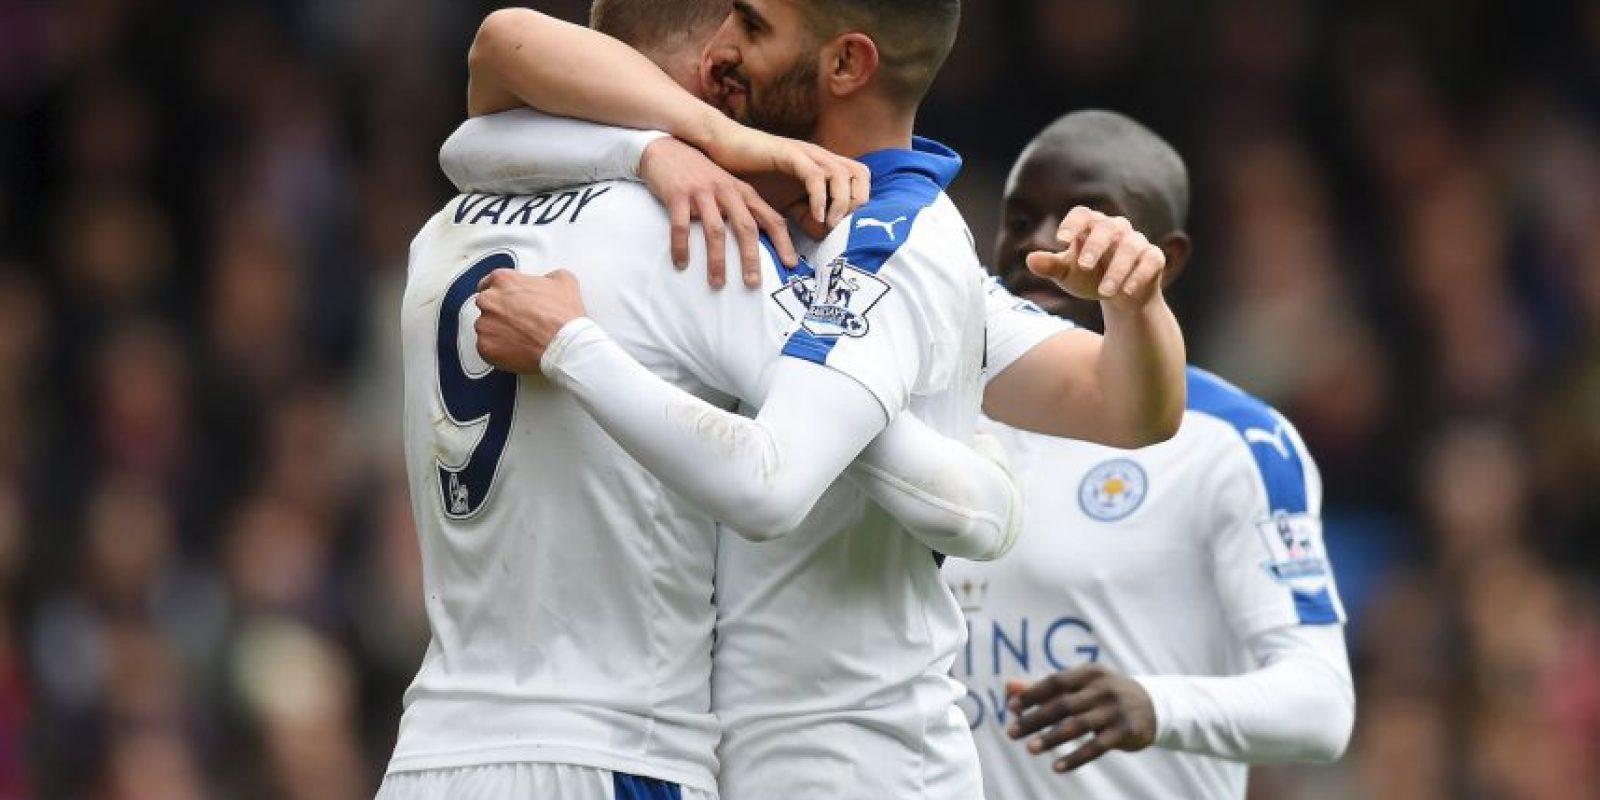 Riyad Mahrez y Jamie Vardy estuvieron a un paso de entrar en la lista de los diez mejores de Europa. Sin embargo, no pudieron quedar seleccionados y los campeones de la Premier League se quedaron sin representación Foto:Getty Images